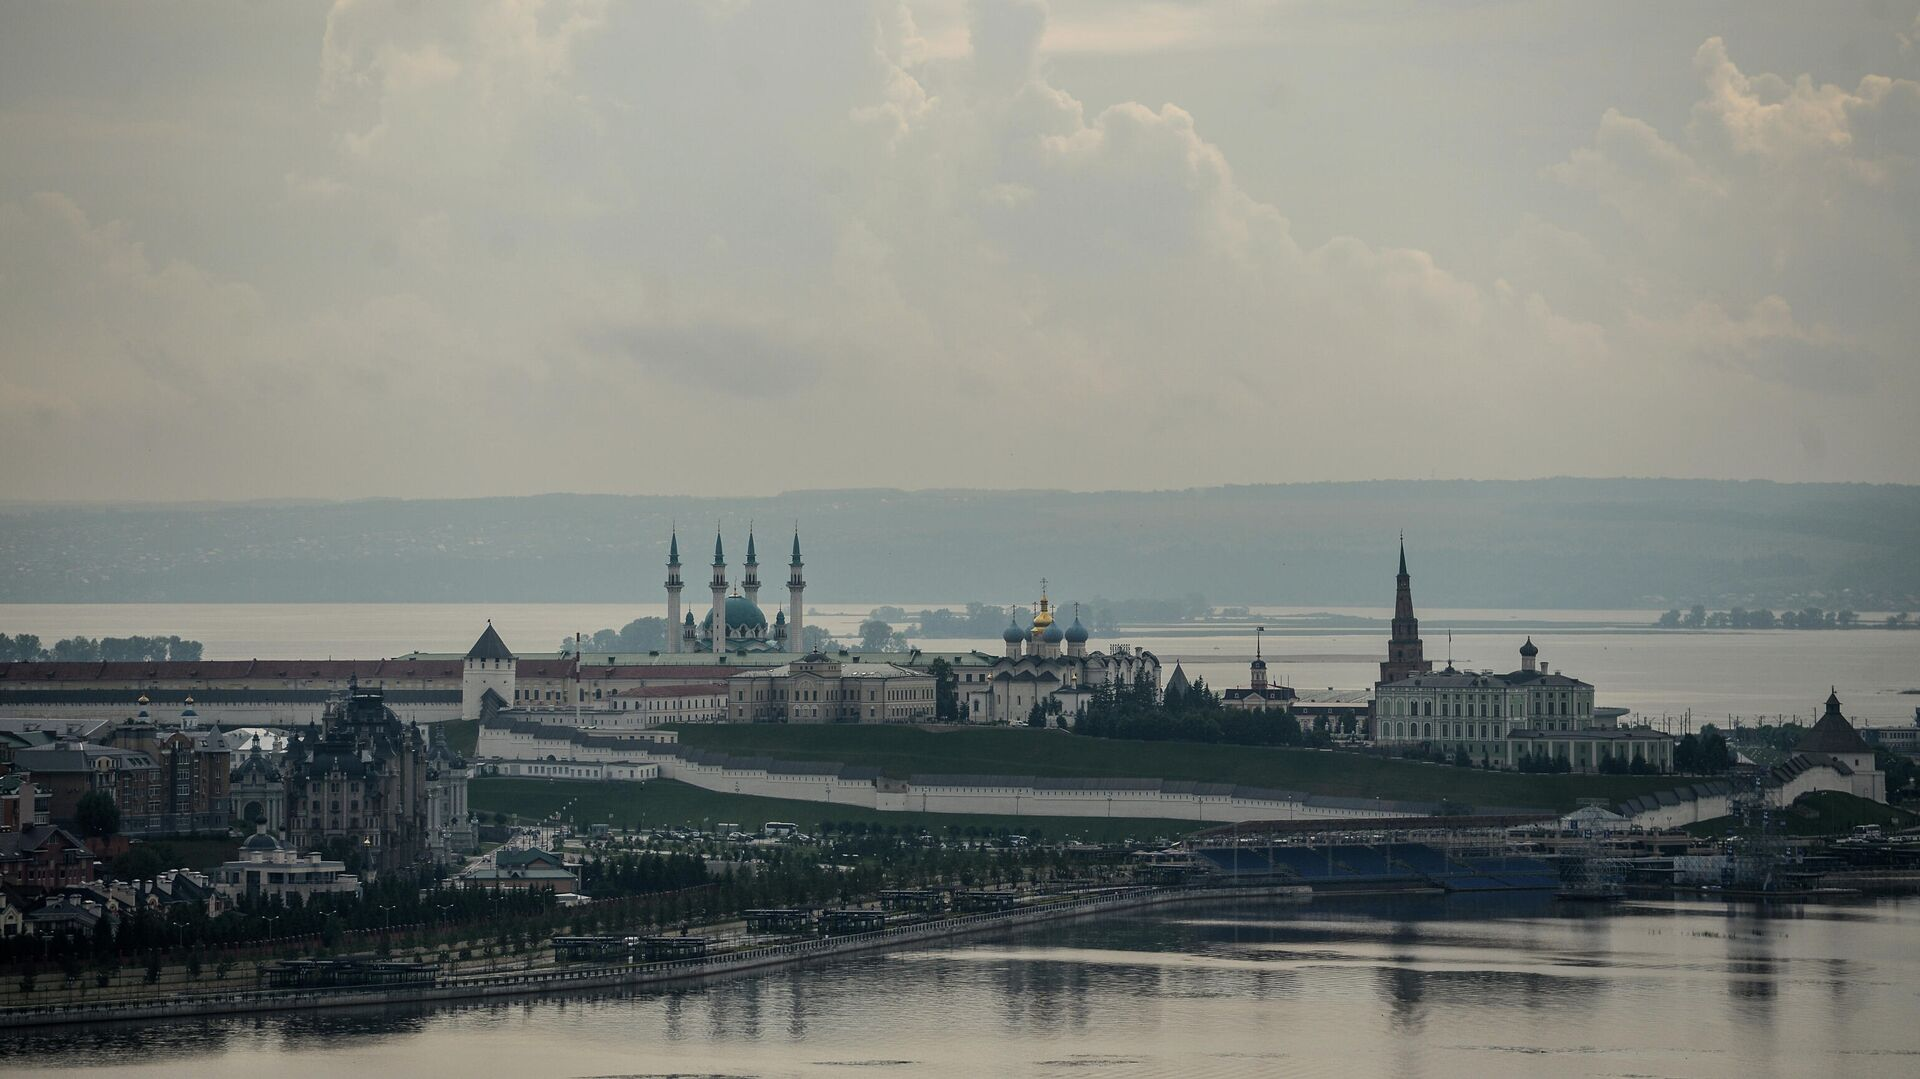 1737667468 0:317:3076:2047 1920x0 80 0 0 b9d67088b9b7def39a453d6e0e86a379 - Явка на выборах депутатов Госдумы в Татарстане в первый день превысила 32 процента